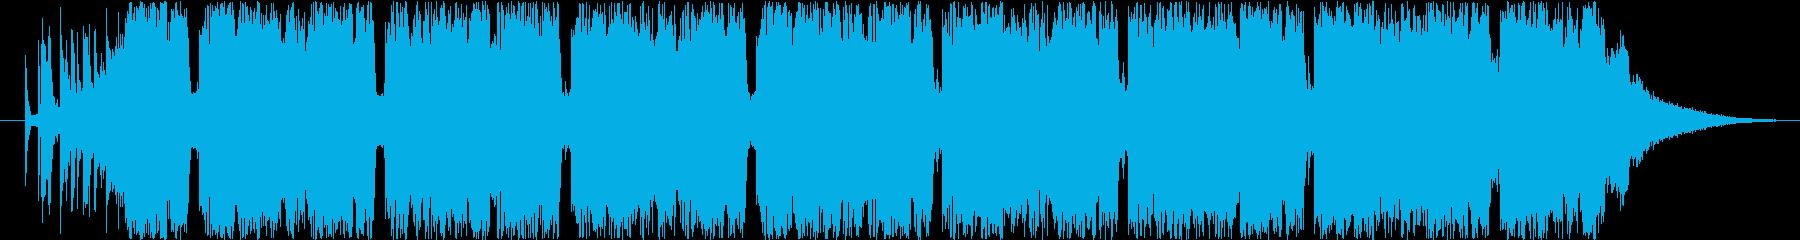 30秒のFuture Bassの再生済みの波形